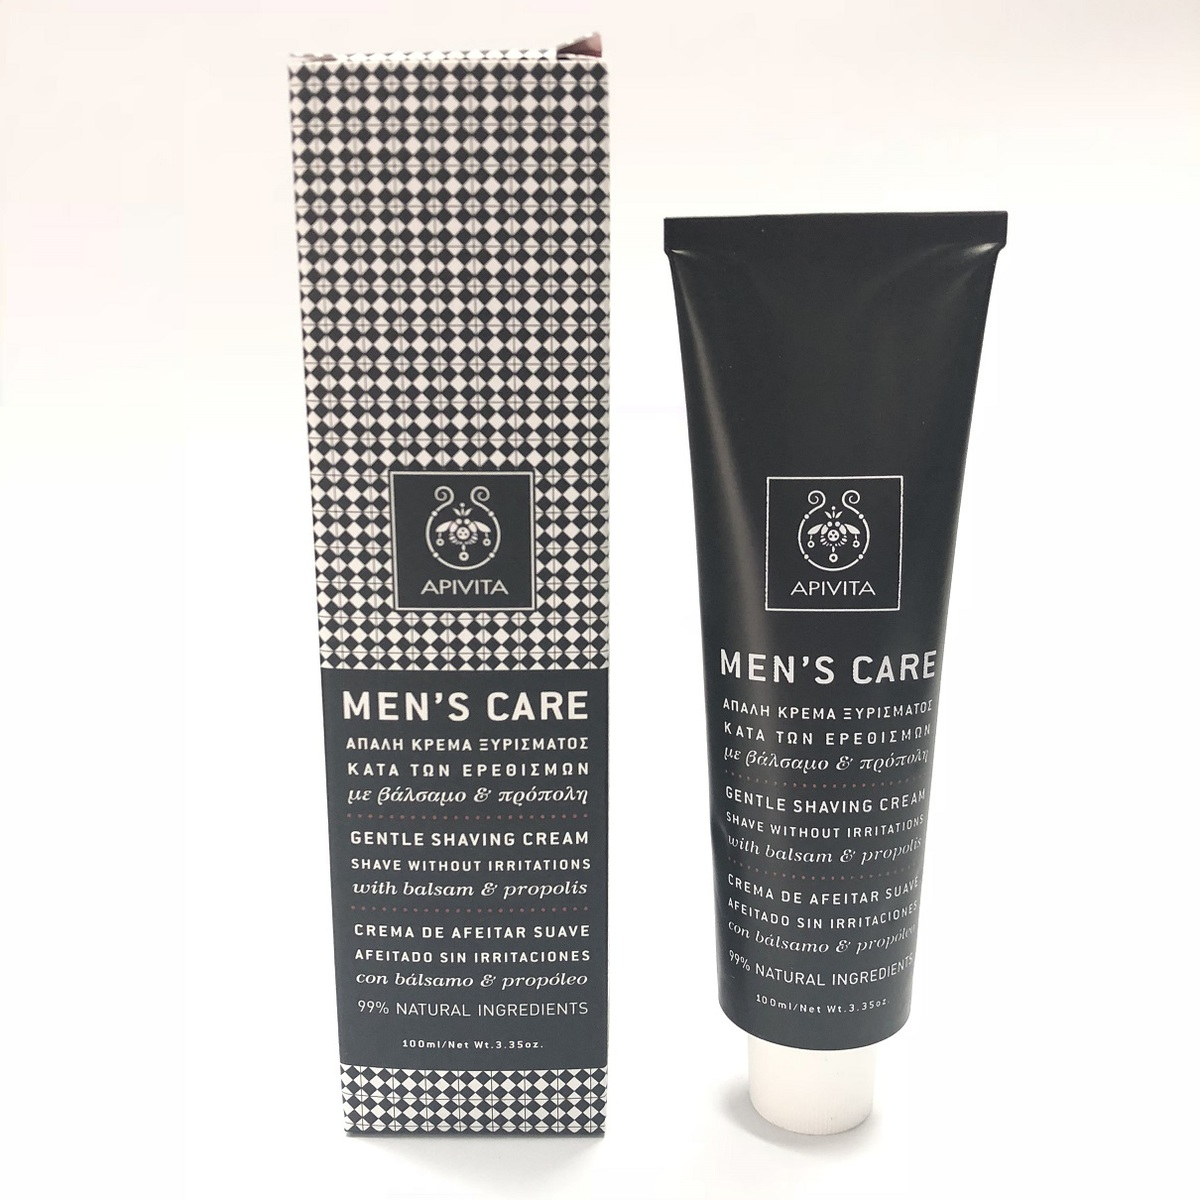 Apivita Men's Care Gentel Shaving Cream 100ml -[Parallel Import Product]